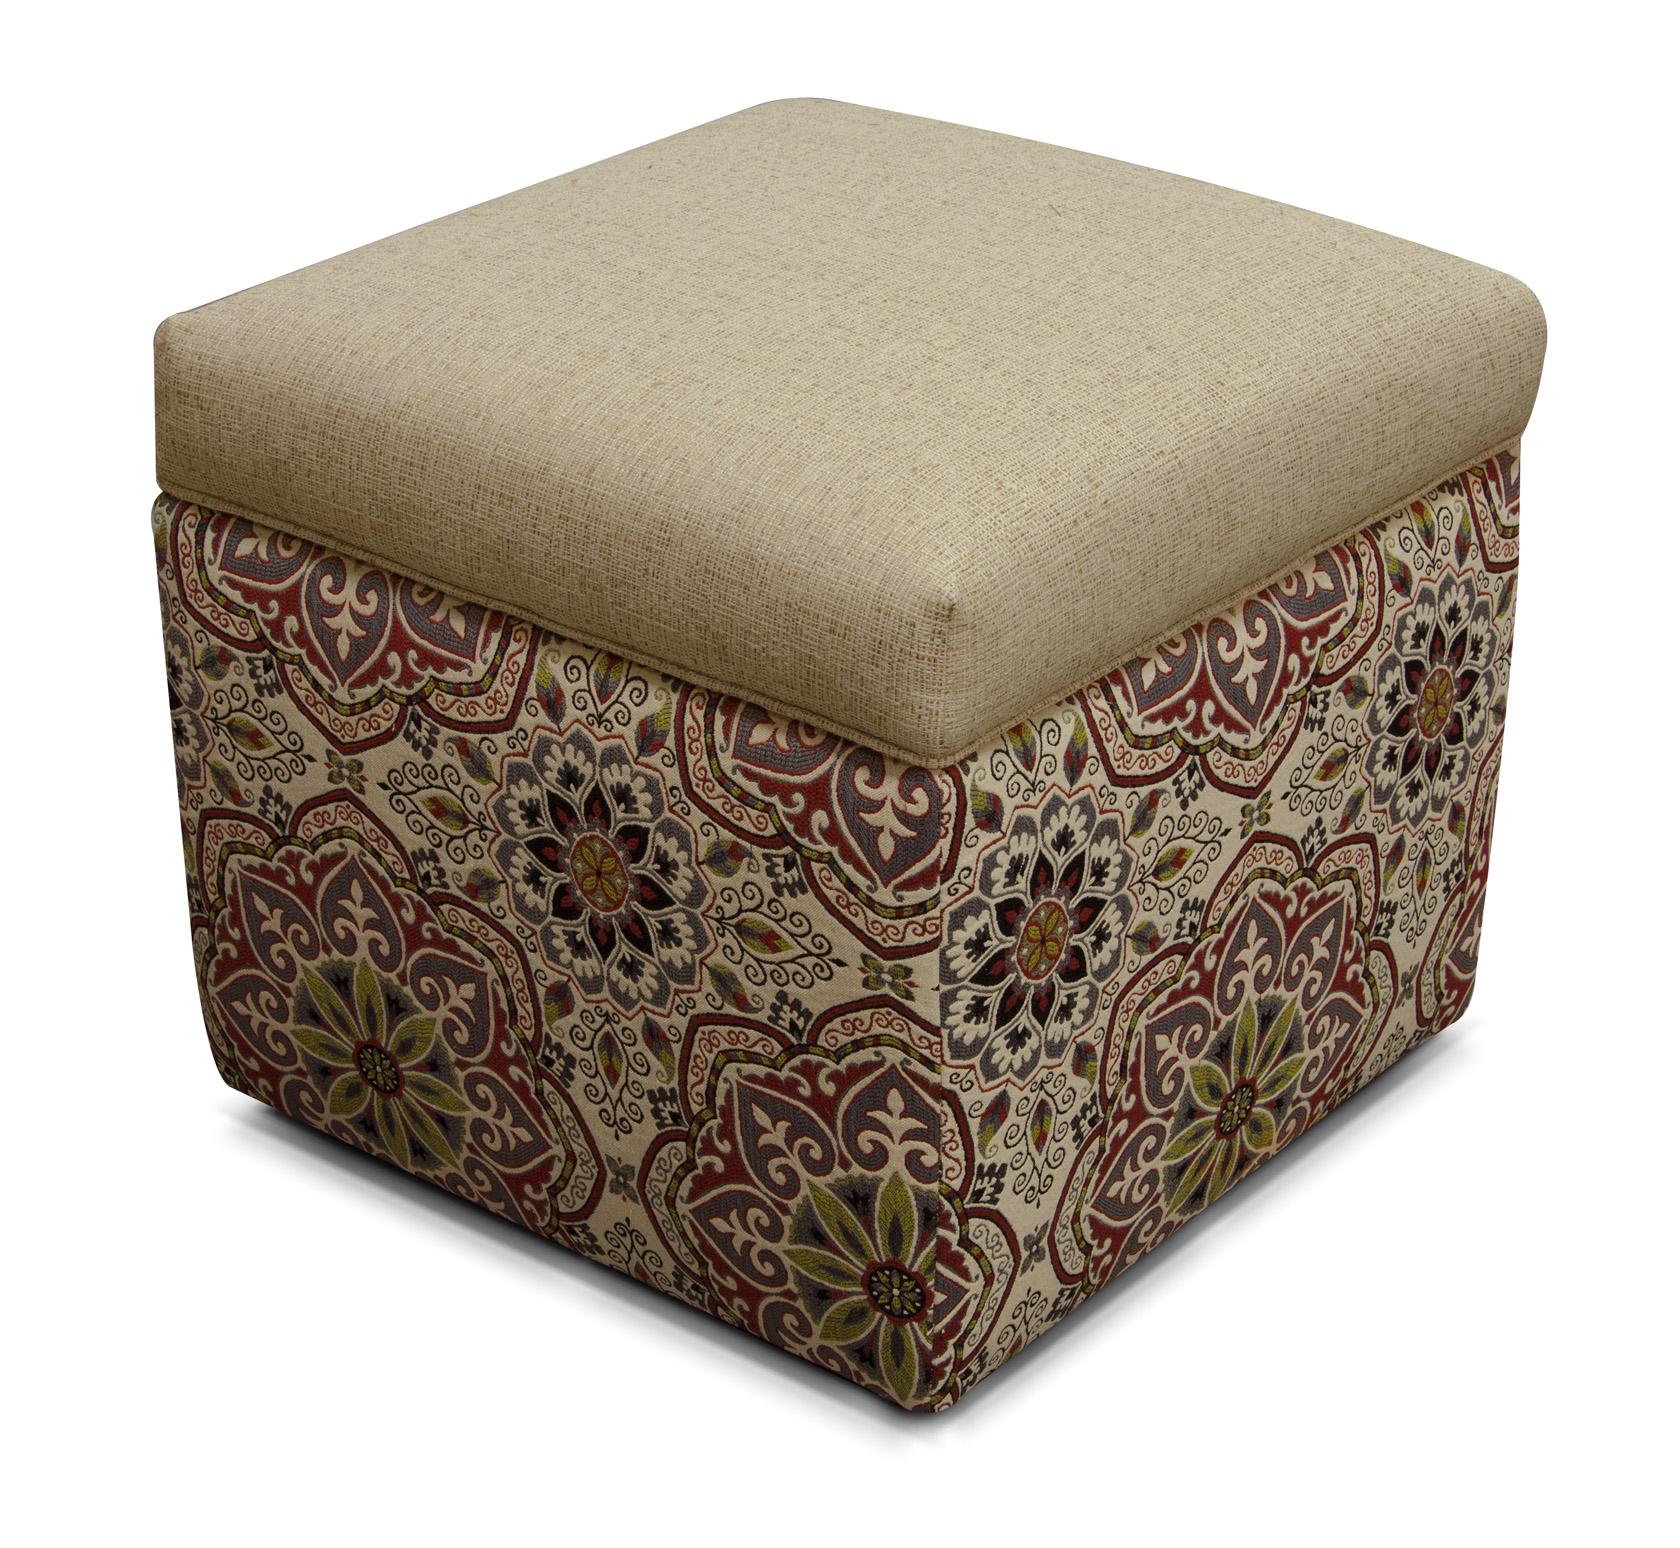 england-furniture-reviews-gypsy-poppy-compel-raffia-ottoman